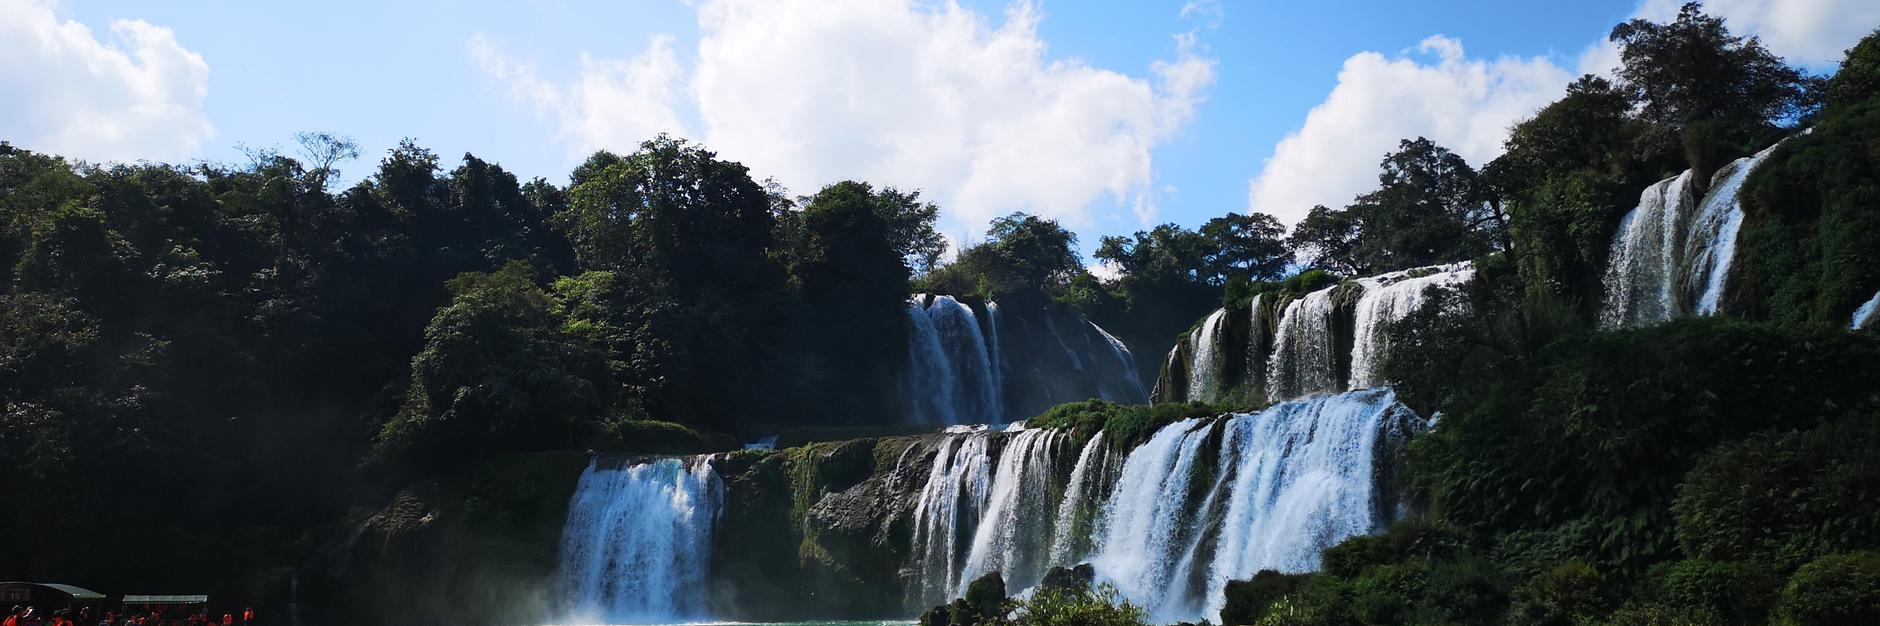 德天亚洲第一大瀑布的气势磅礴与涠洲岛五彩沙滩美景